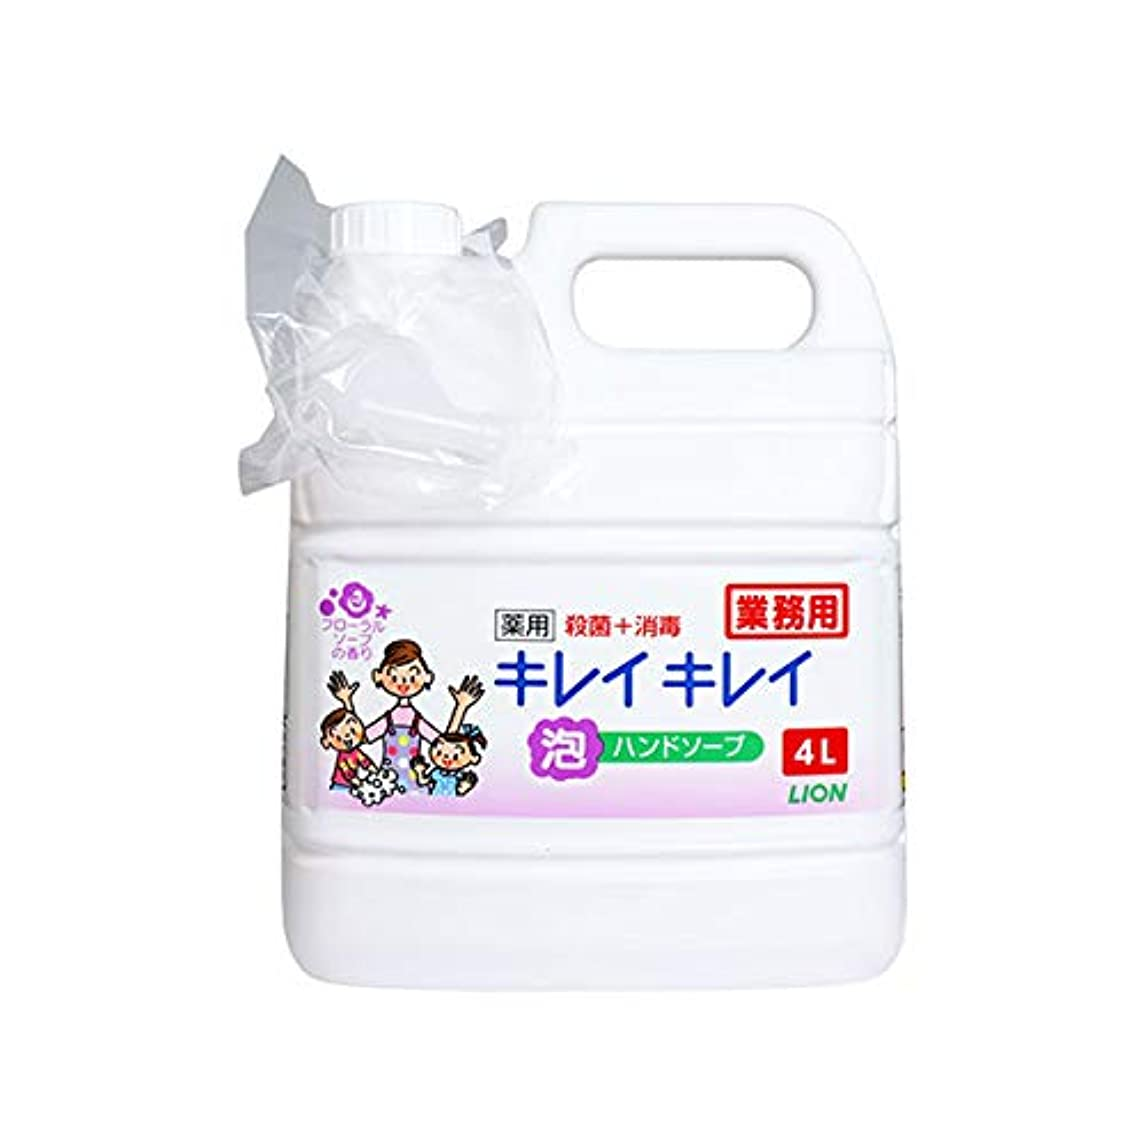 ましい時制交通業務用 手洗い用石鹸 キレイキレイ 薬用 泡ハンドソープ フローラルソープの香り 4LX3本 ライオン